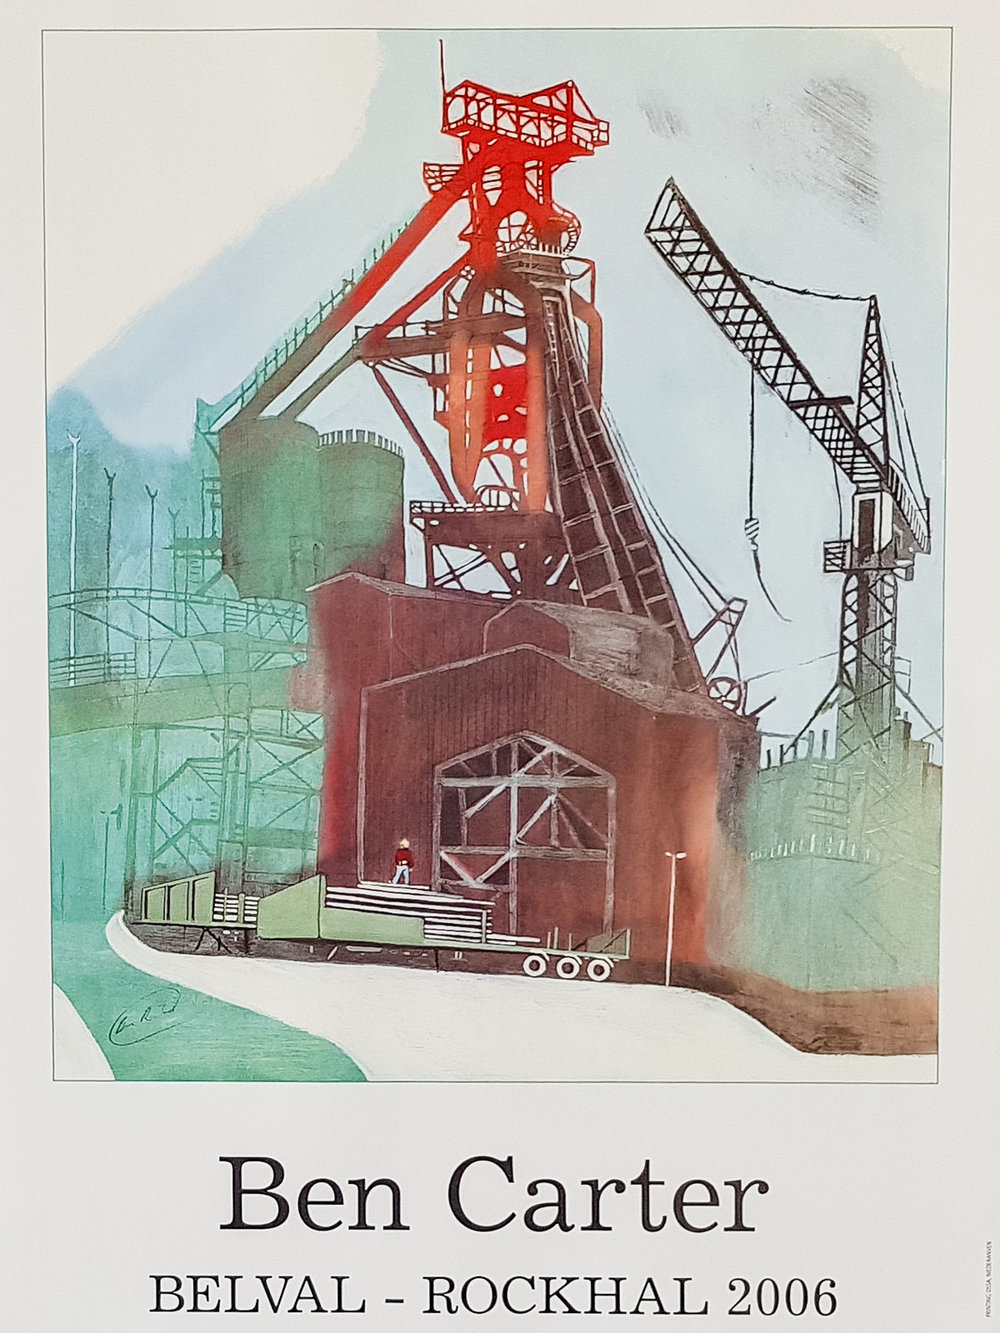 belval - rockhal - Poster50 x 70 cmEUR 80